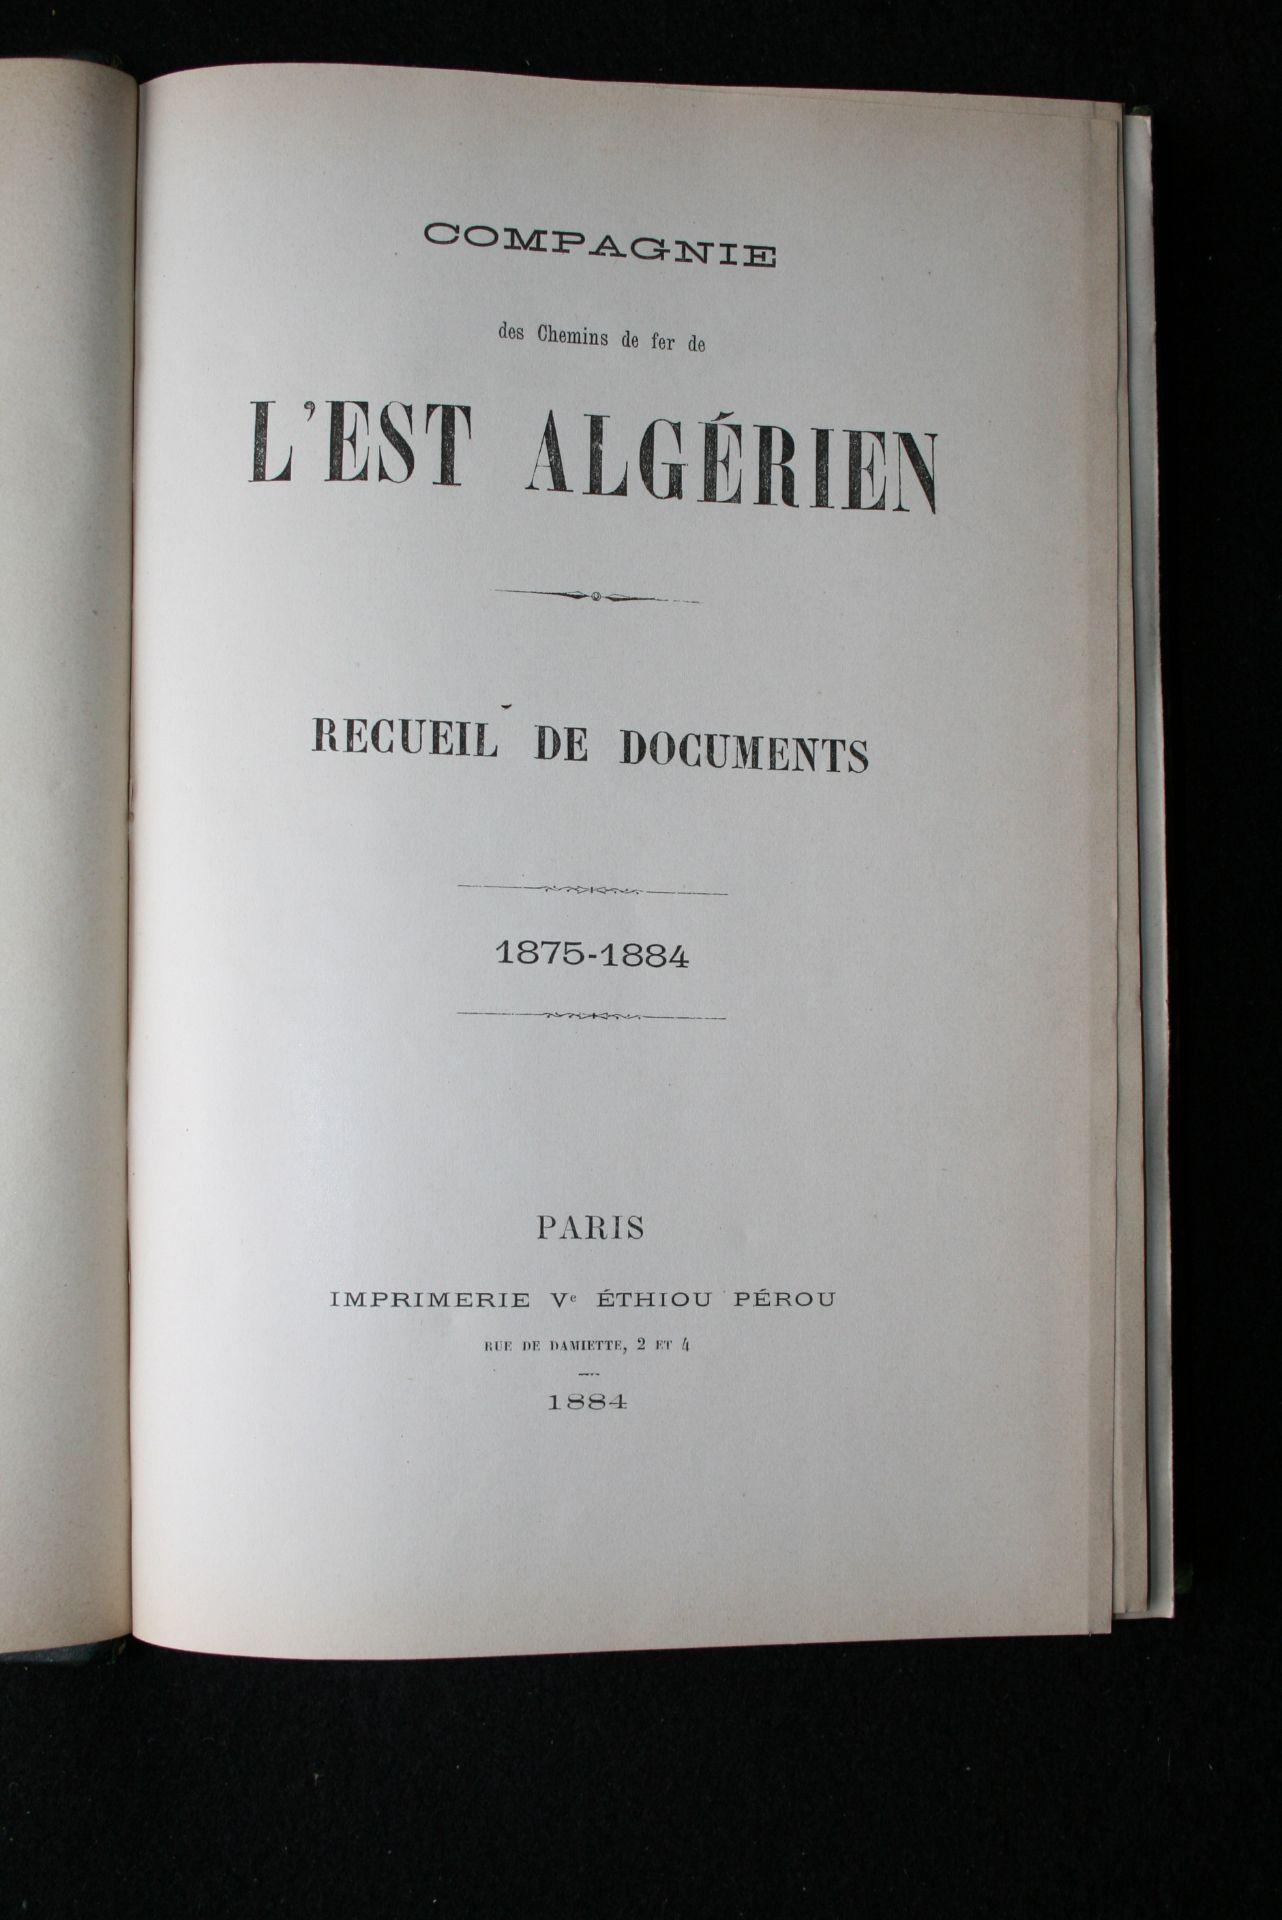 Compagnie des Chemins de fer de l'Est Algérien, Recueil de documents : 1875-1884 [...] - Bild 3 aus 3